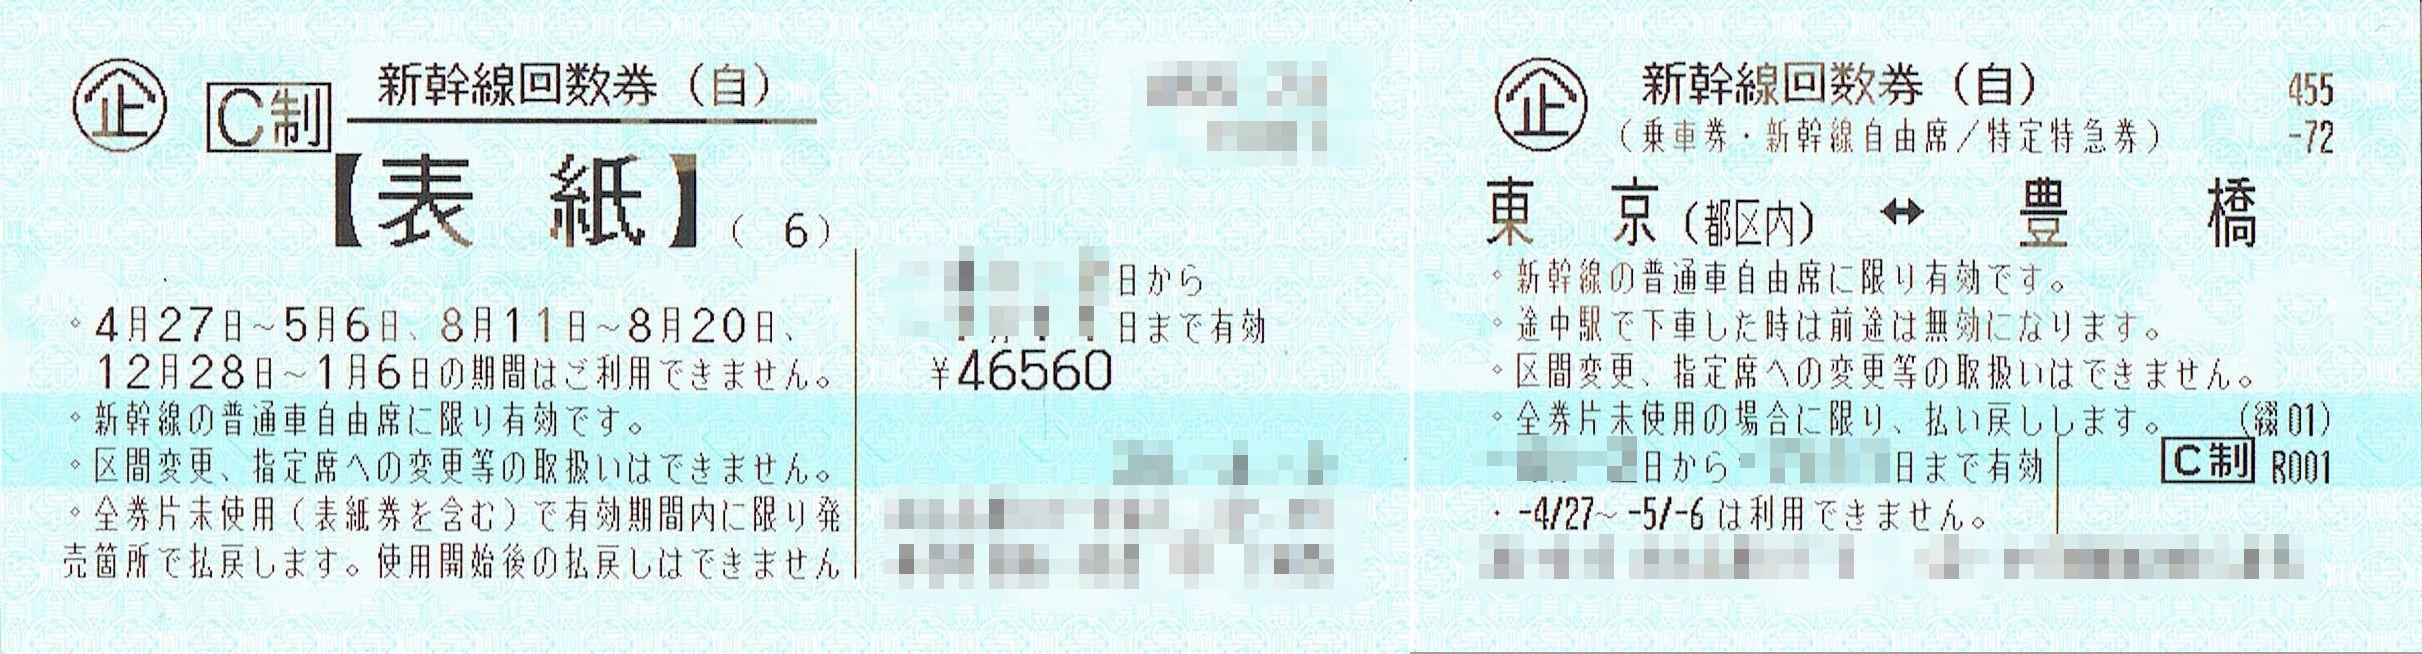 商品名「新幹線回数券 東京⇔豊橋(自由)6枚綴 発券から7日以内」